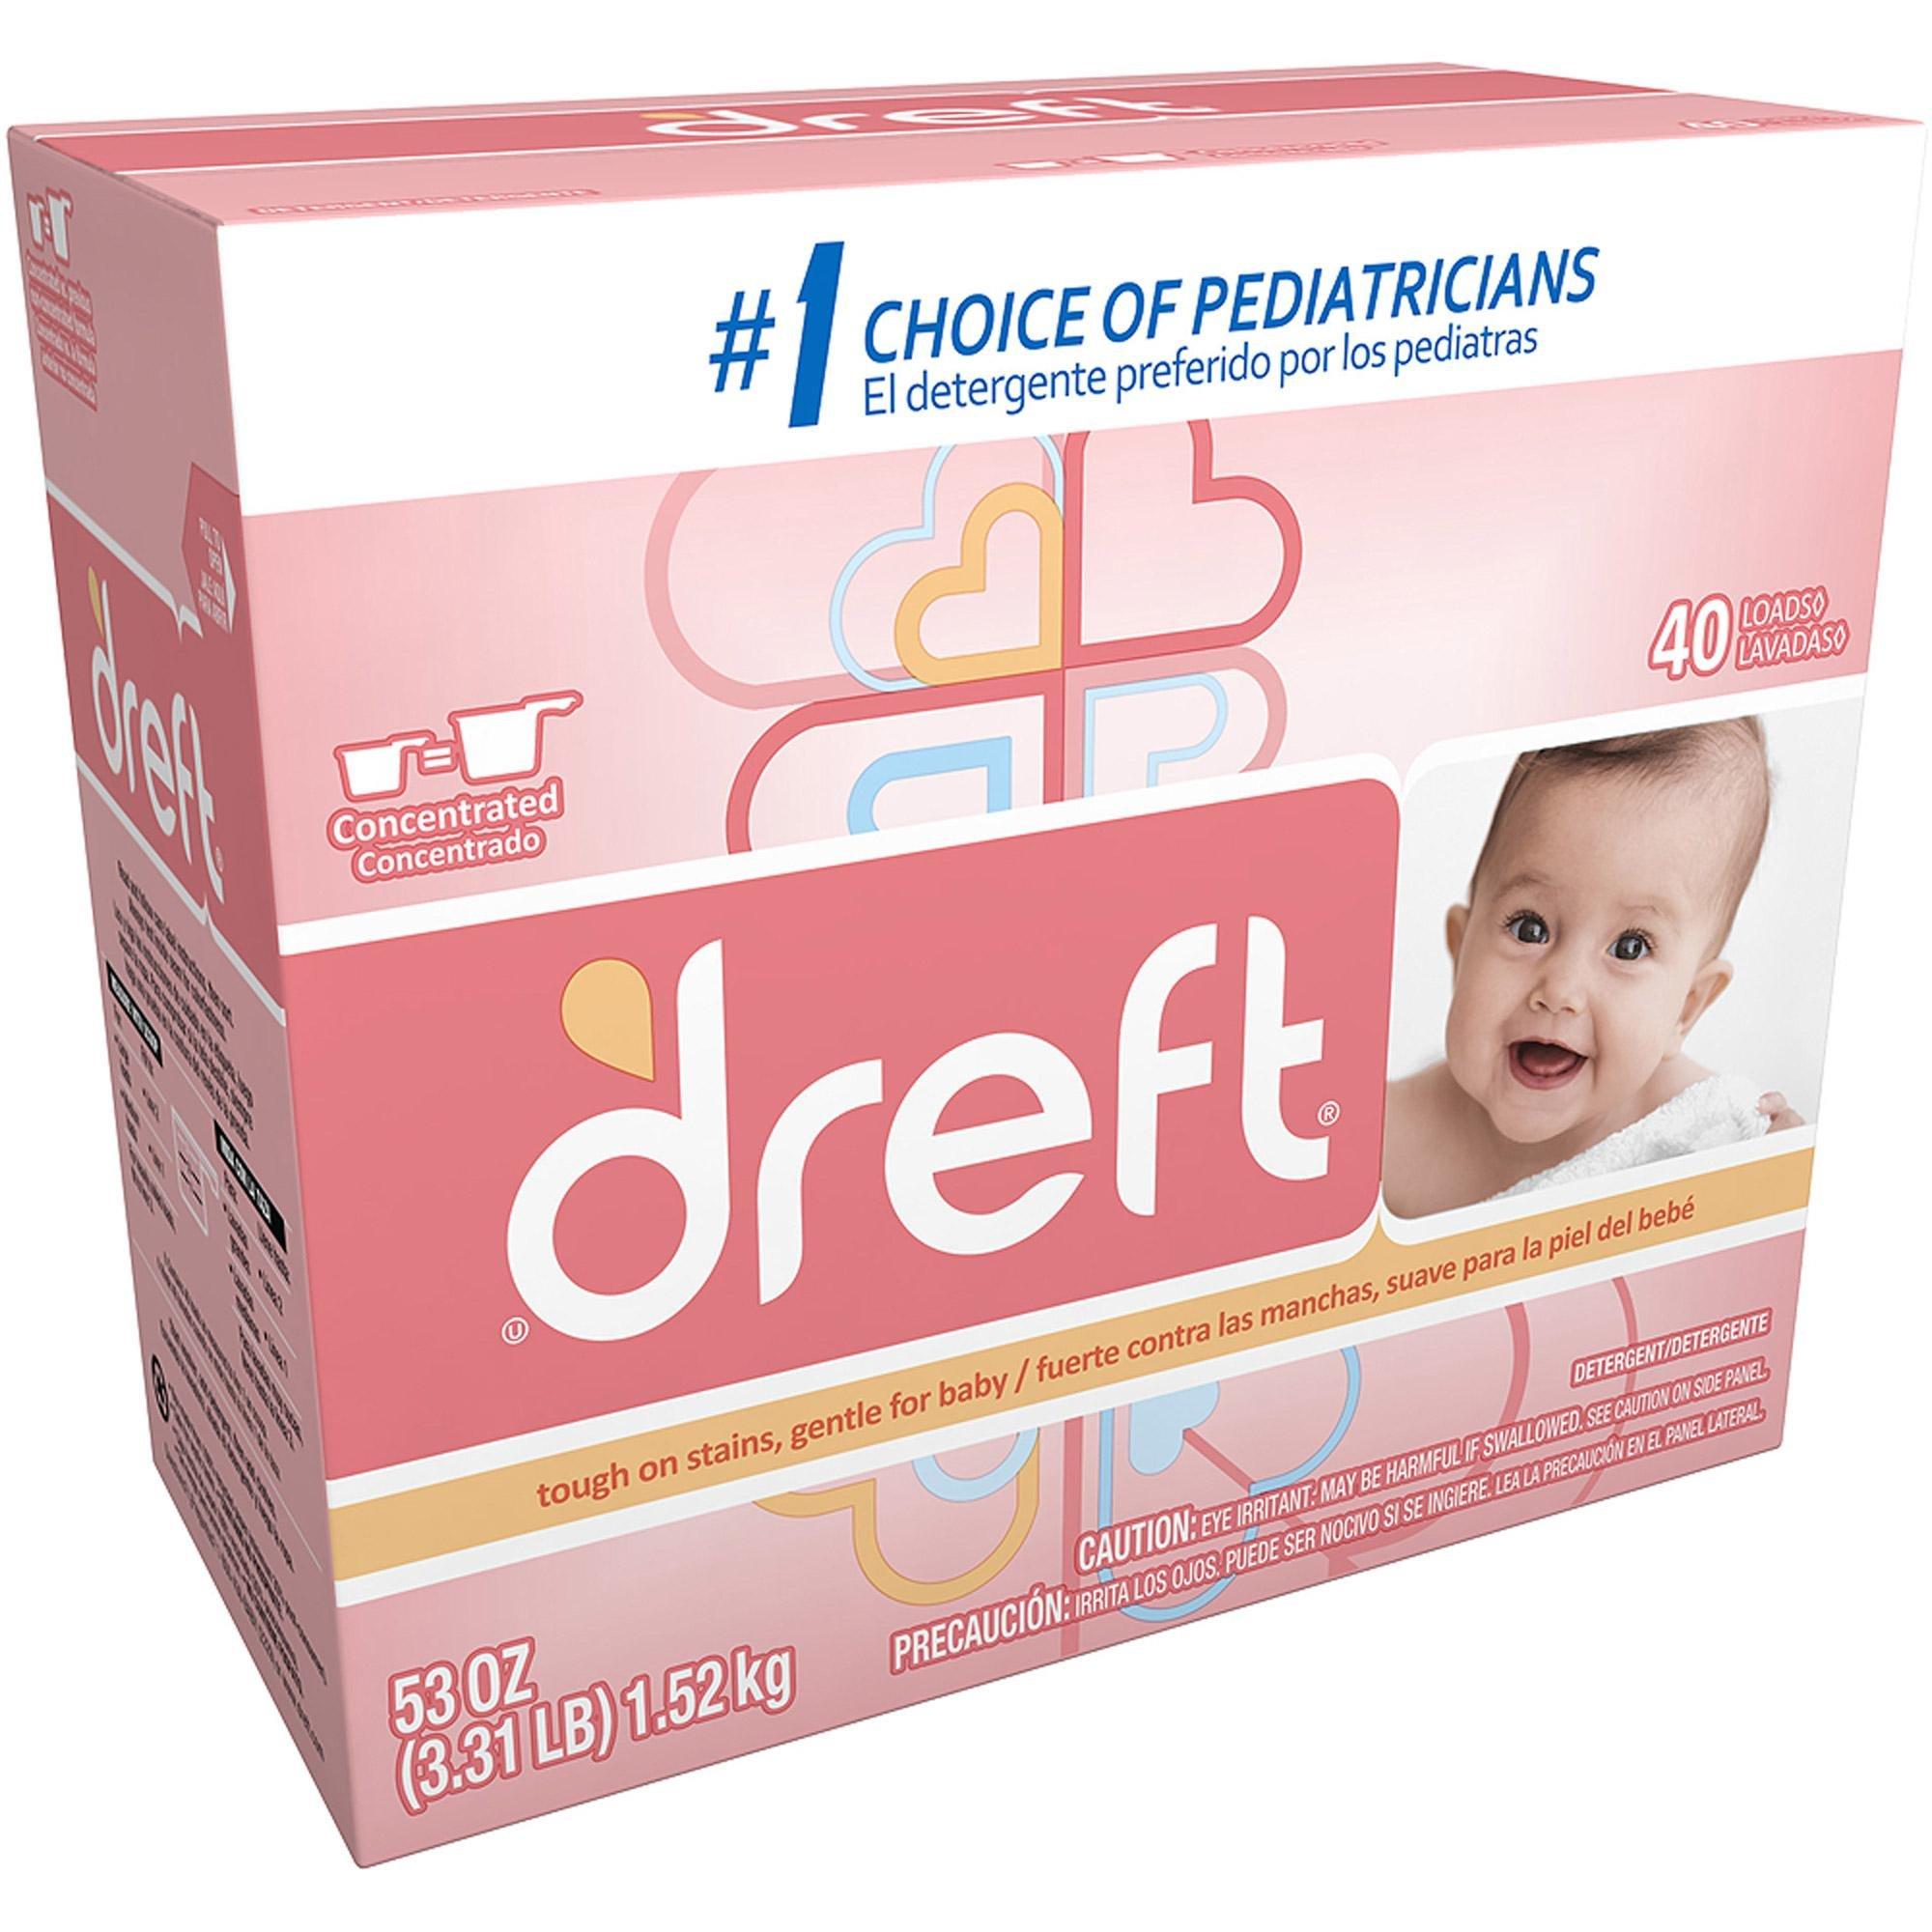 Dreft Baby Original Scent Powder Detergent 40 Loads 53 OZ